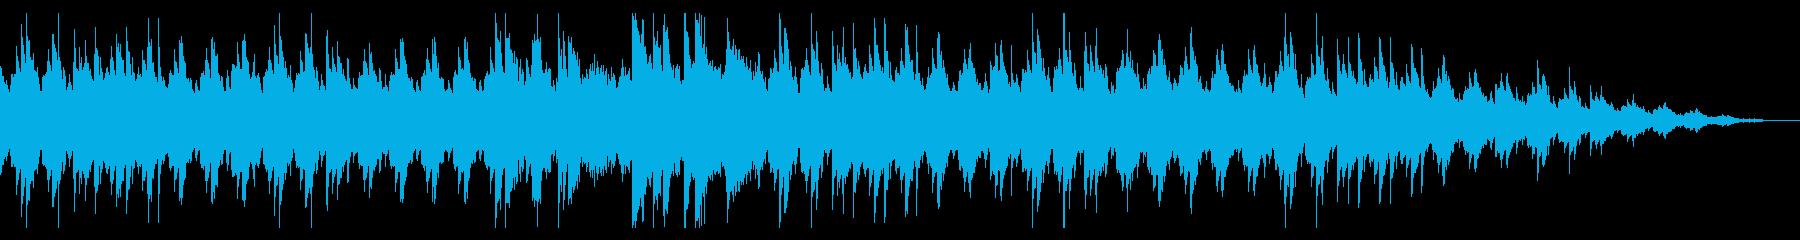 ピアノが主体の悲しいBGMの再生済みの波形